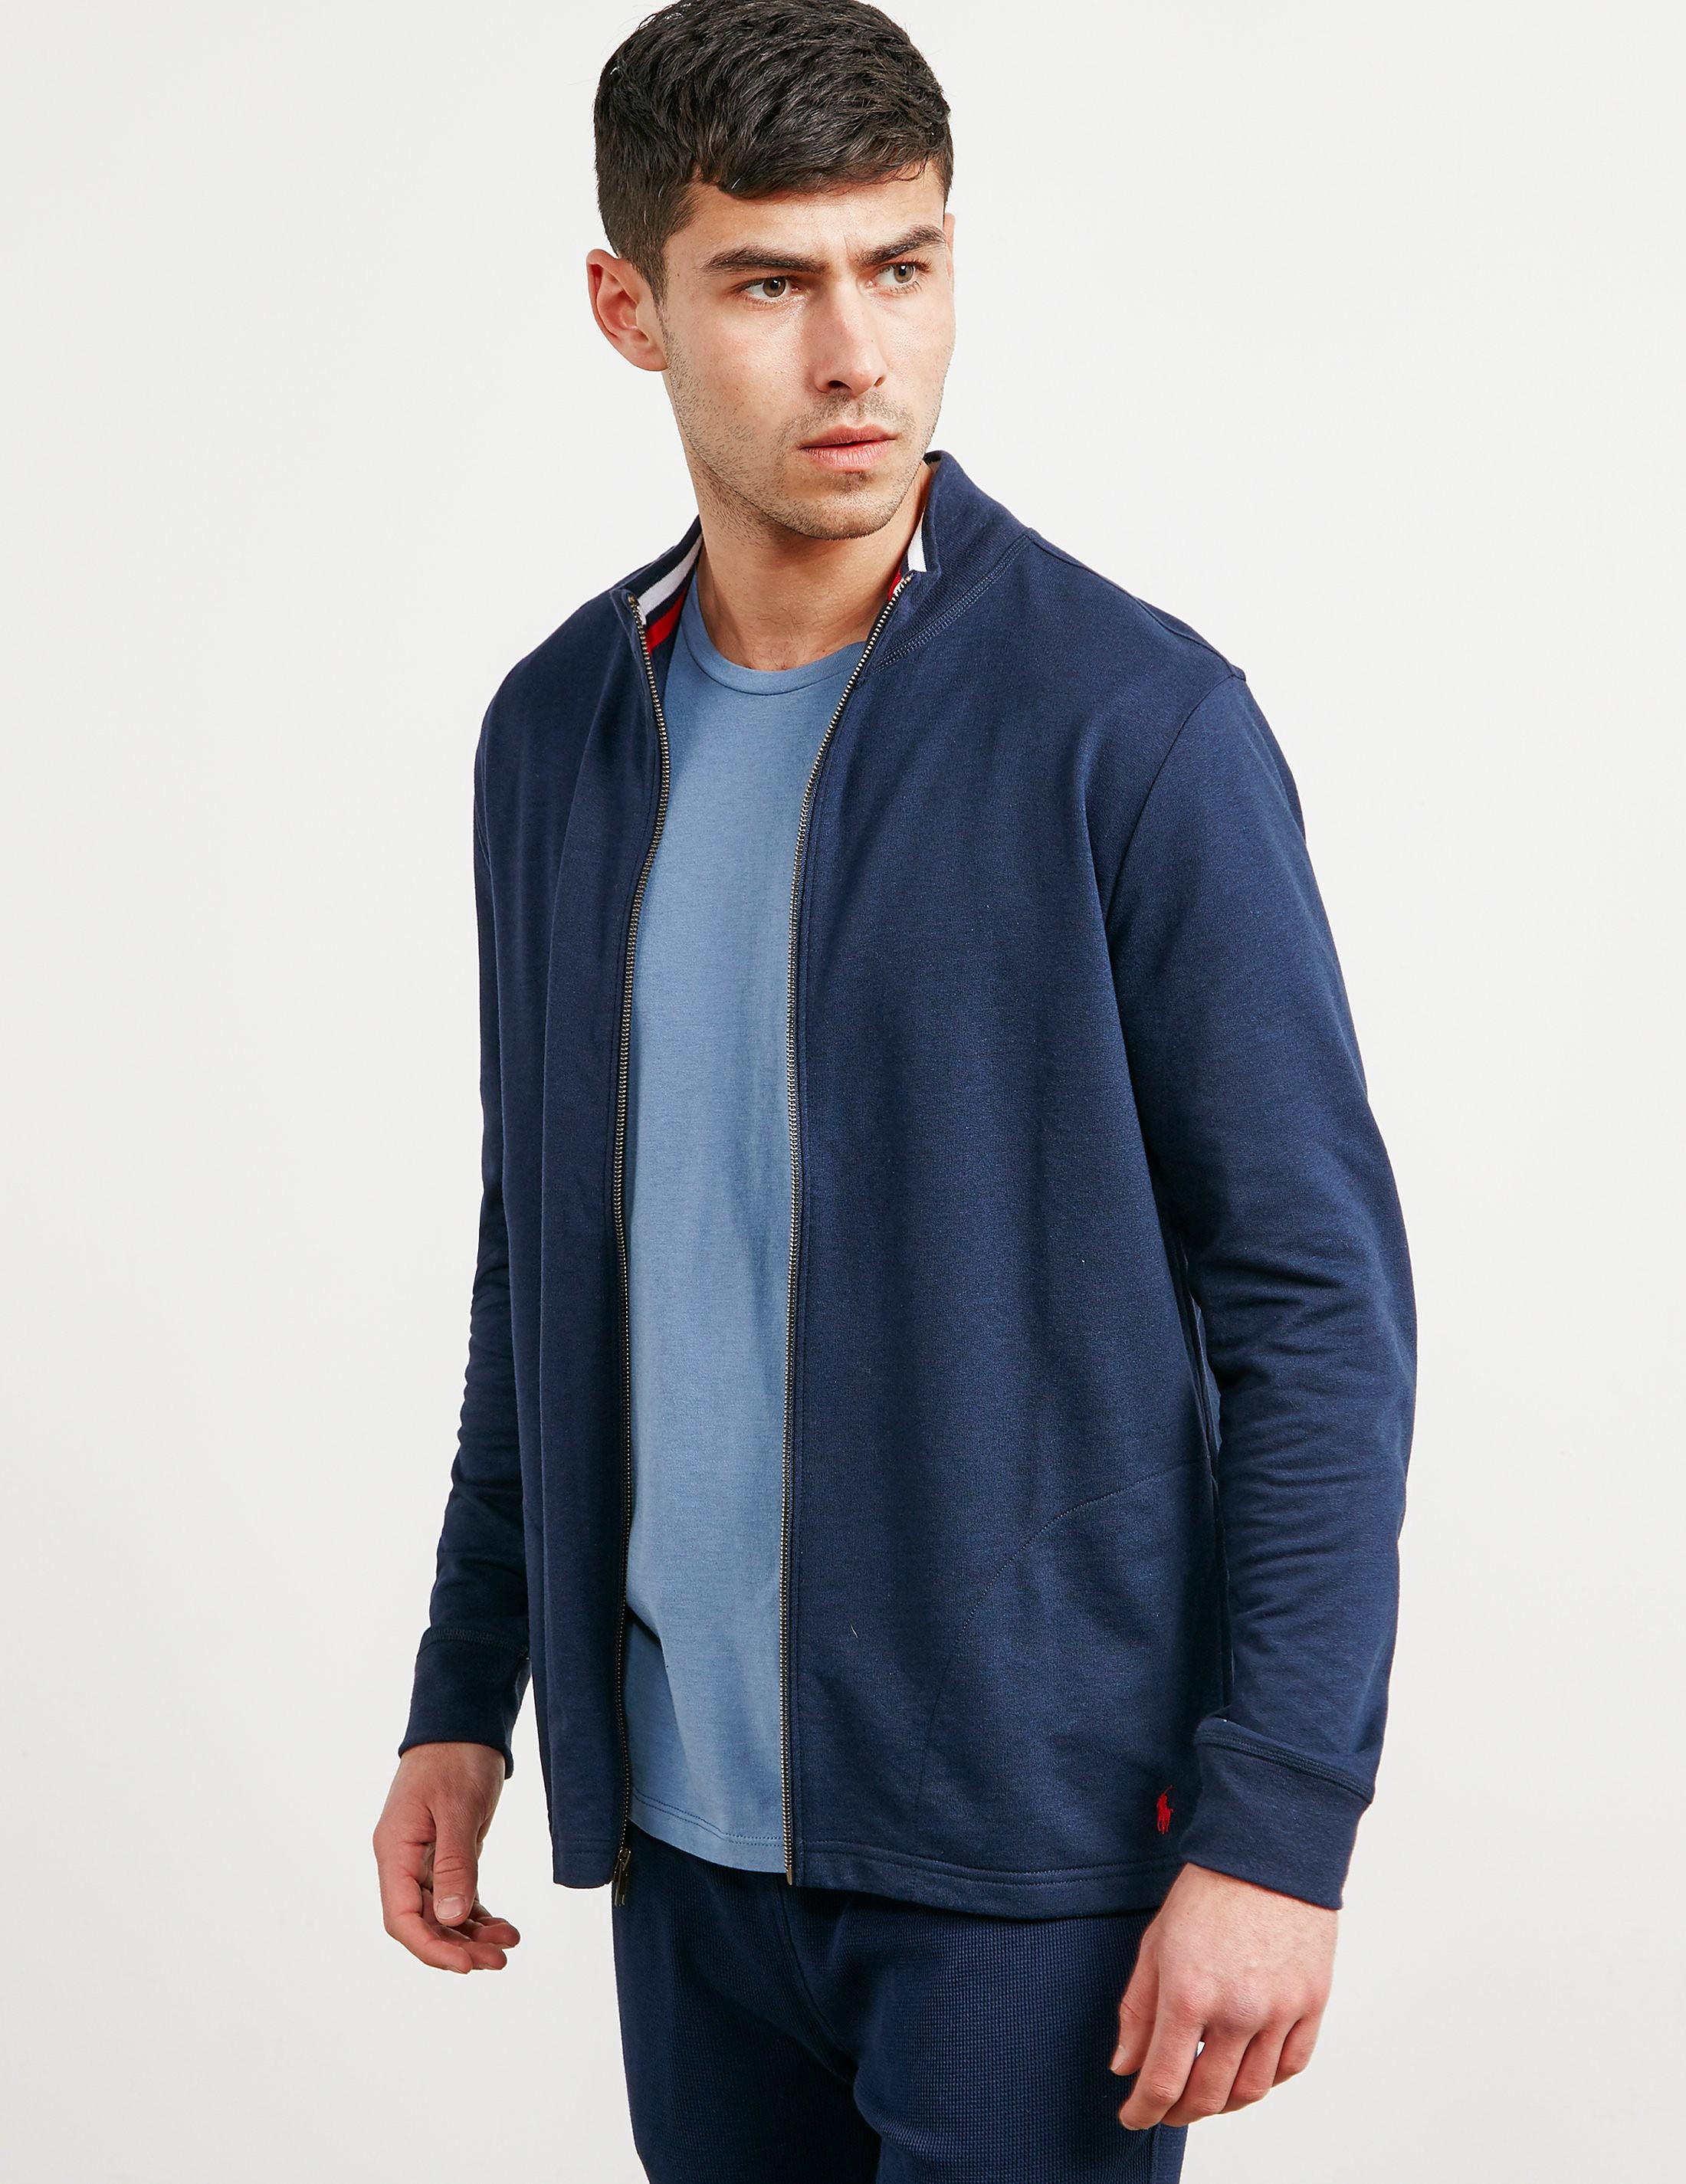 Polo Ralph Lauren Lounge Full Zip Sweatshirt